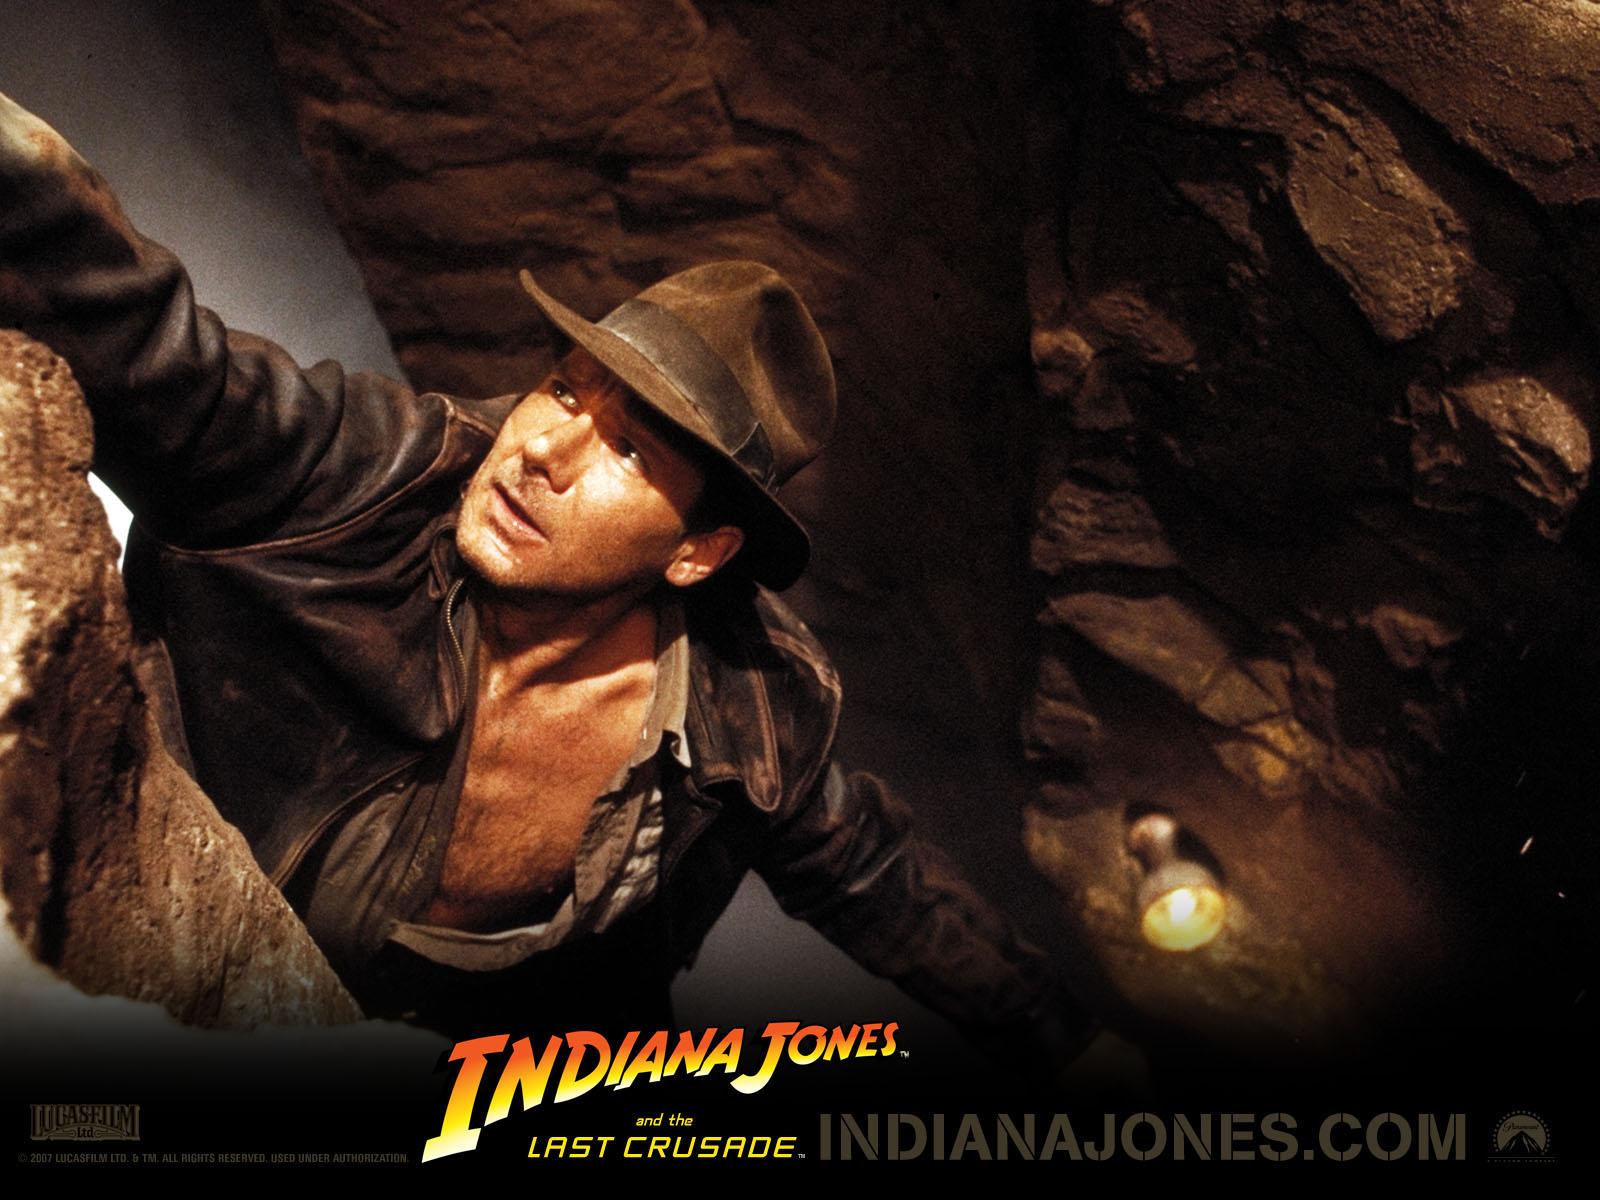 ET CROISADE JONES DERNIERE FILM INDIANA TÉLÉCHARGER LA